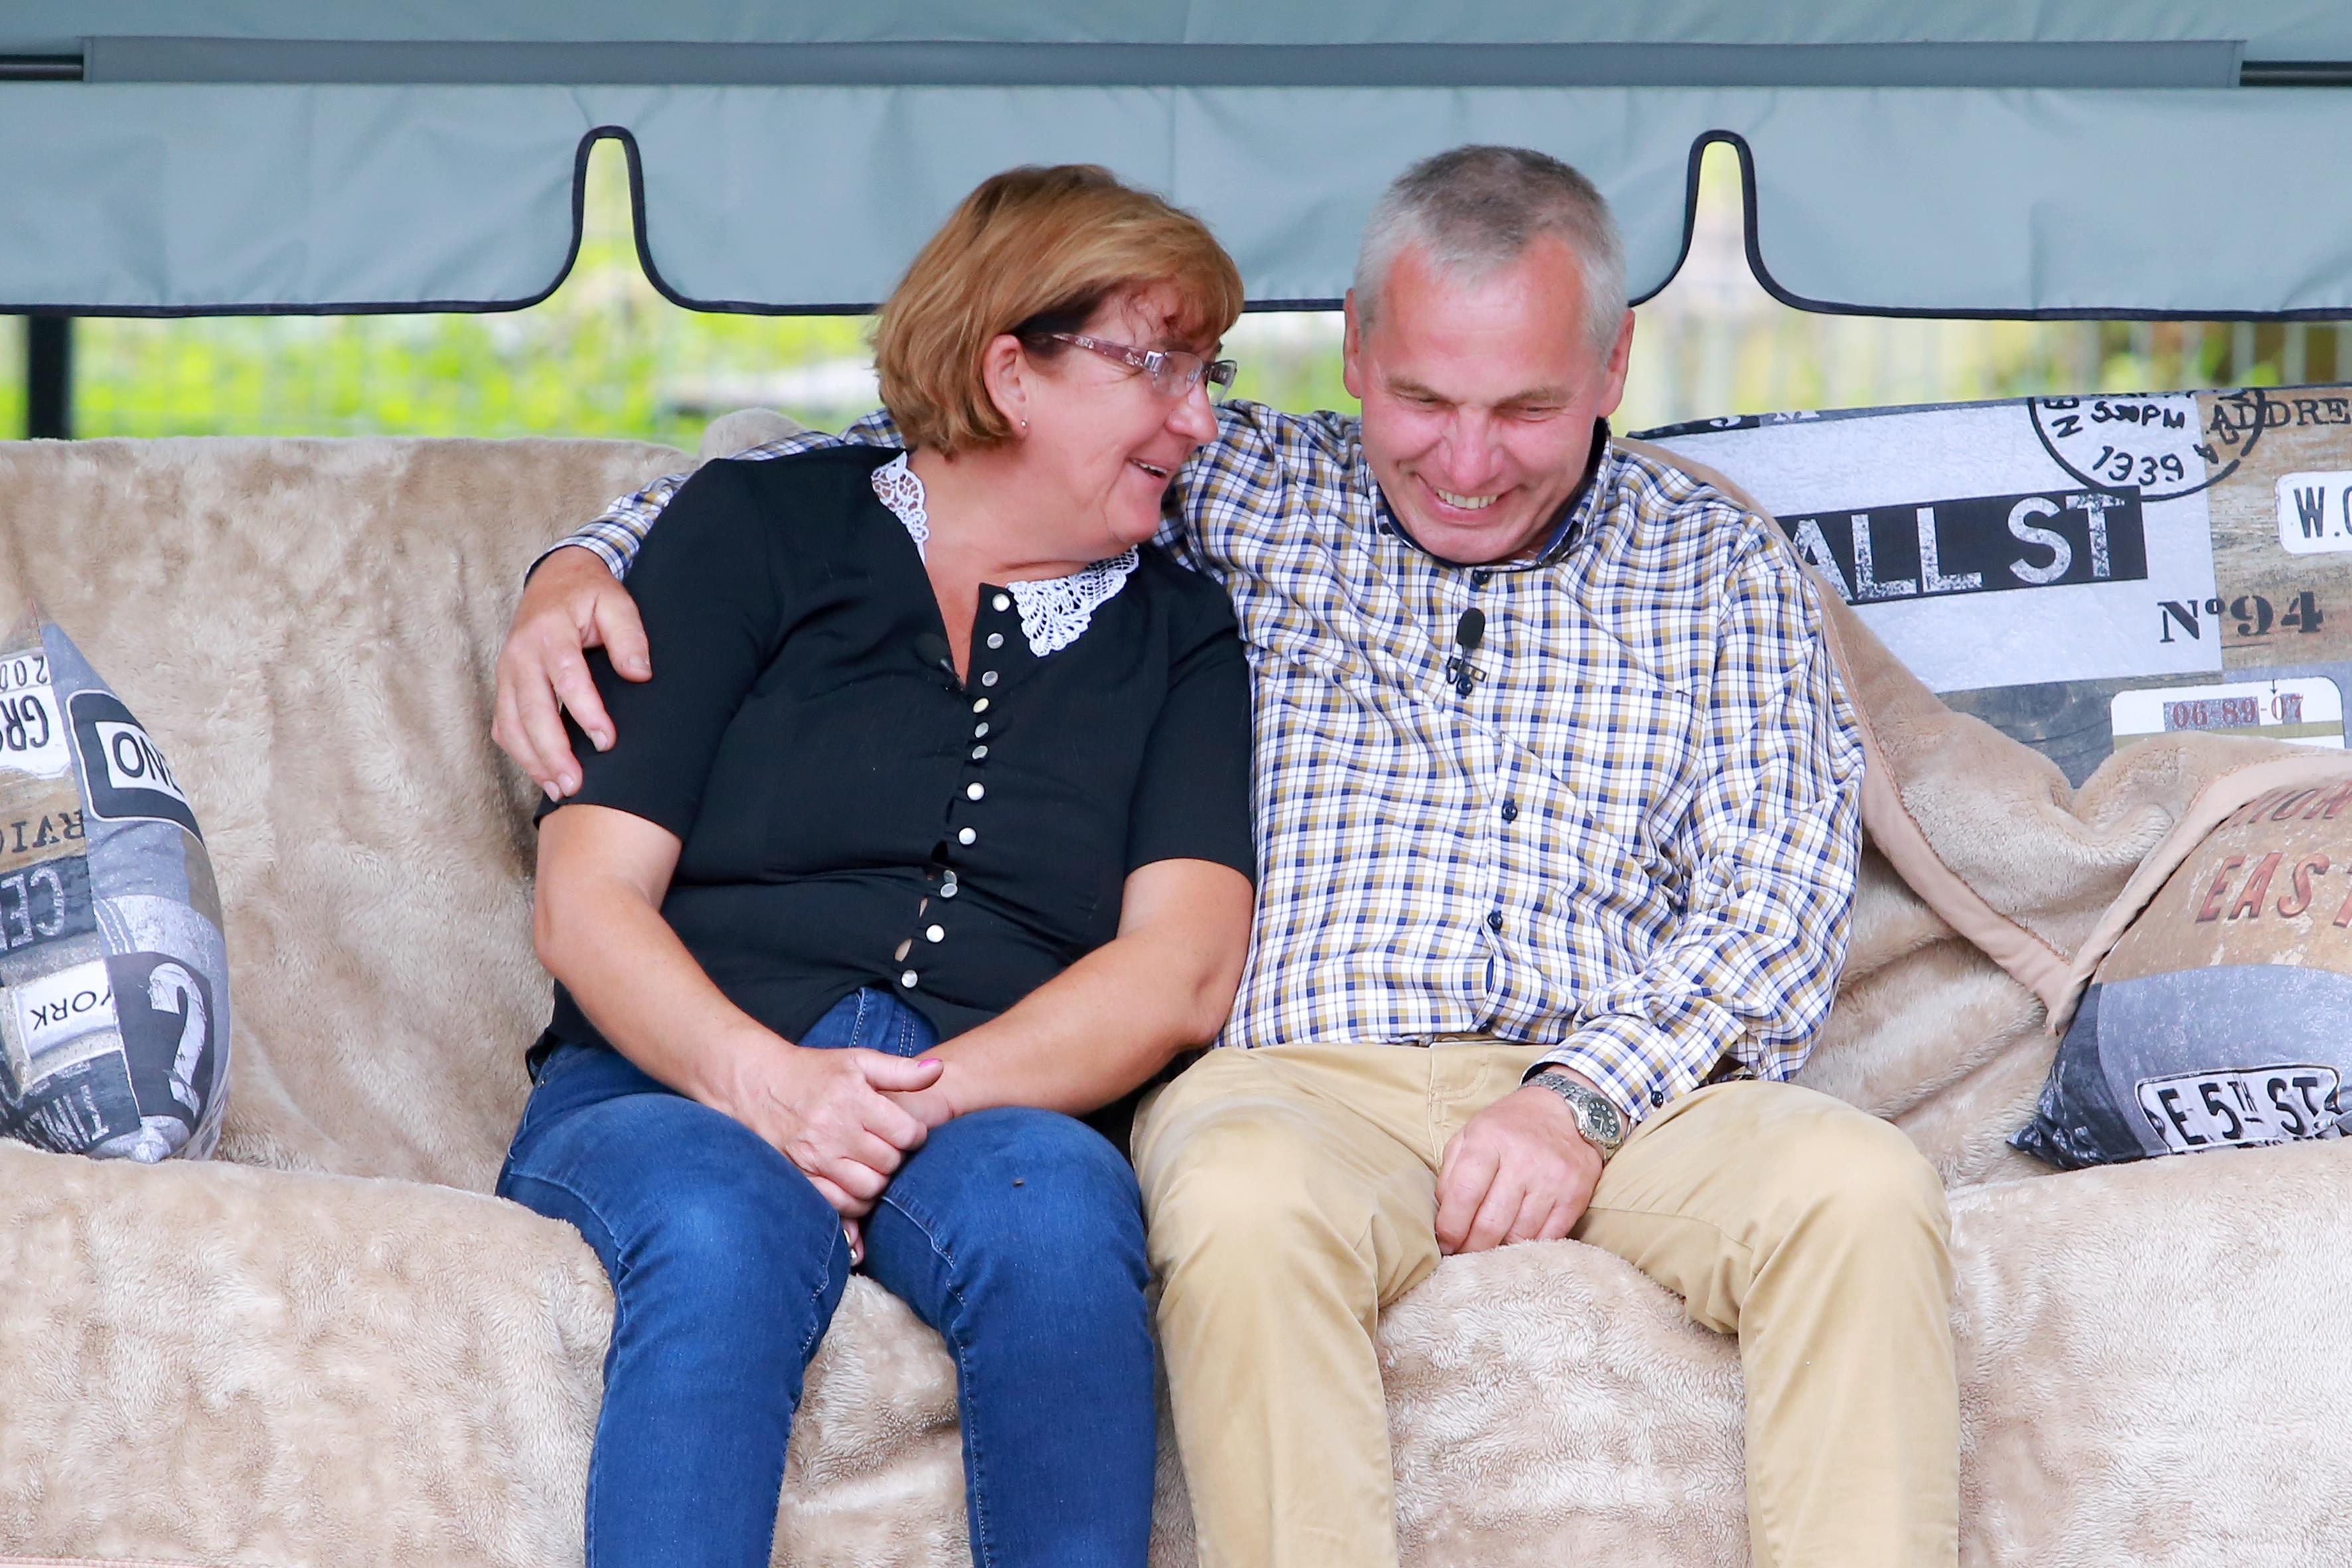 bezpłatne kojarzenie kundli dla małżeństwa